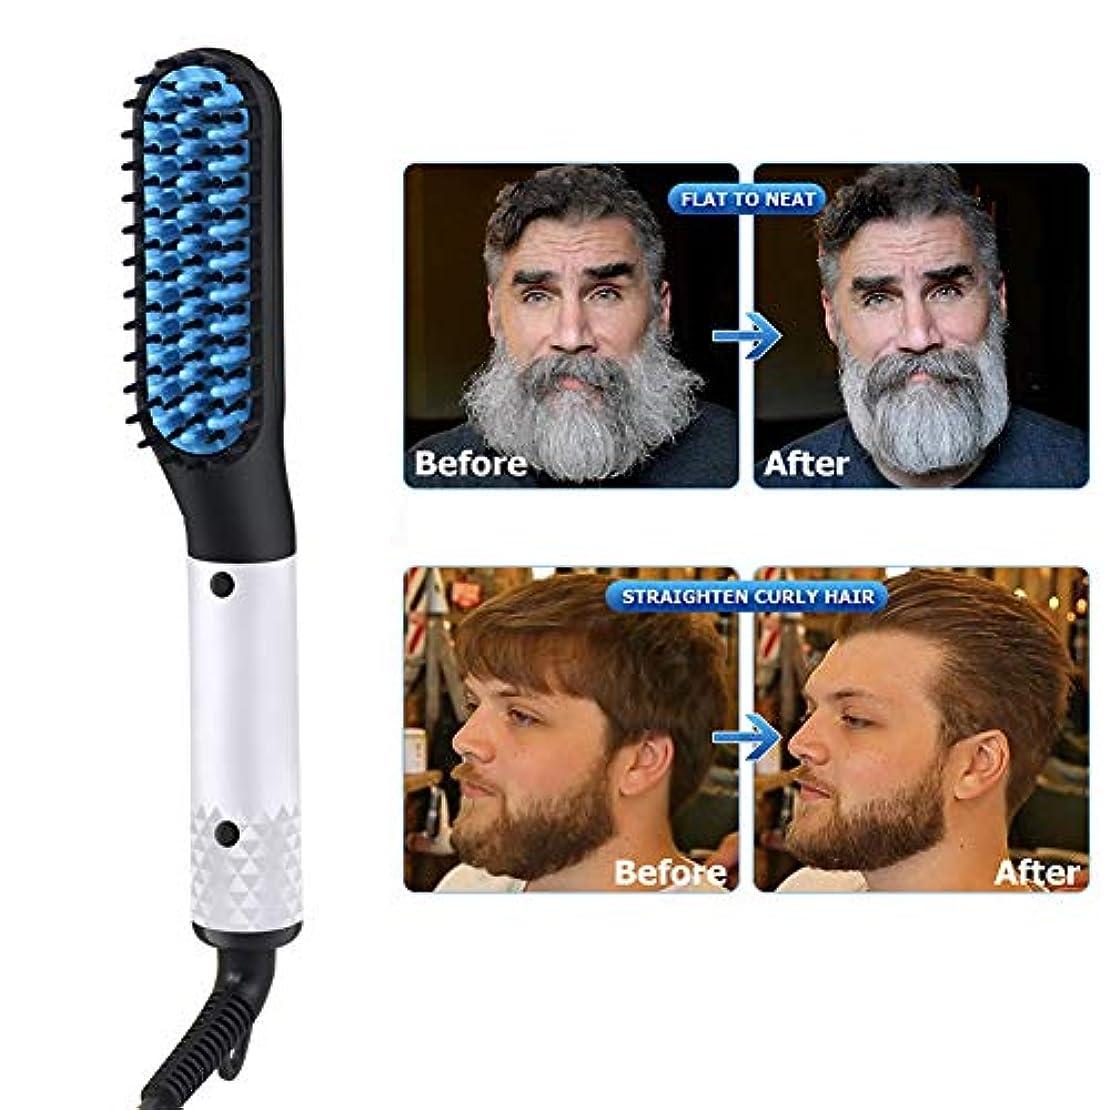 ひげストレートヘアコーム2In 1ヘアストレートニングブラシ、男性用スタイリングコーム電気クイックヘアストレートヘアブラシ多機能ヘアカーラーコーム